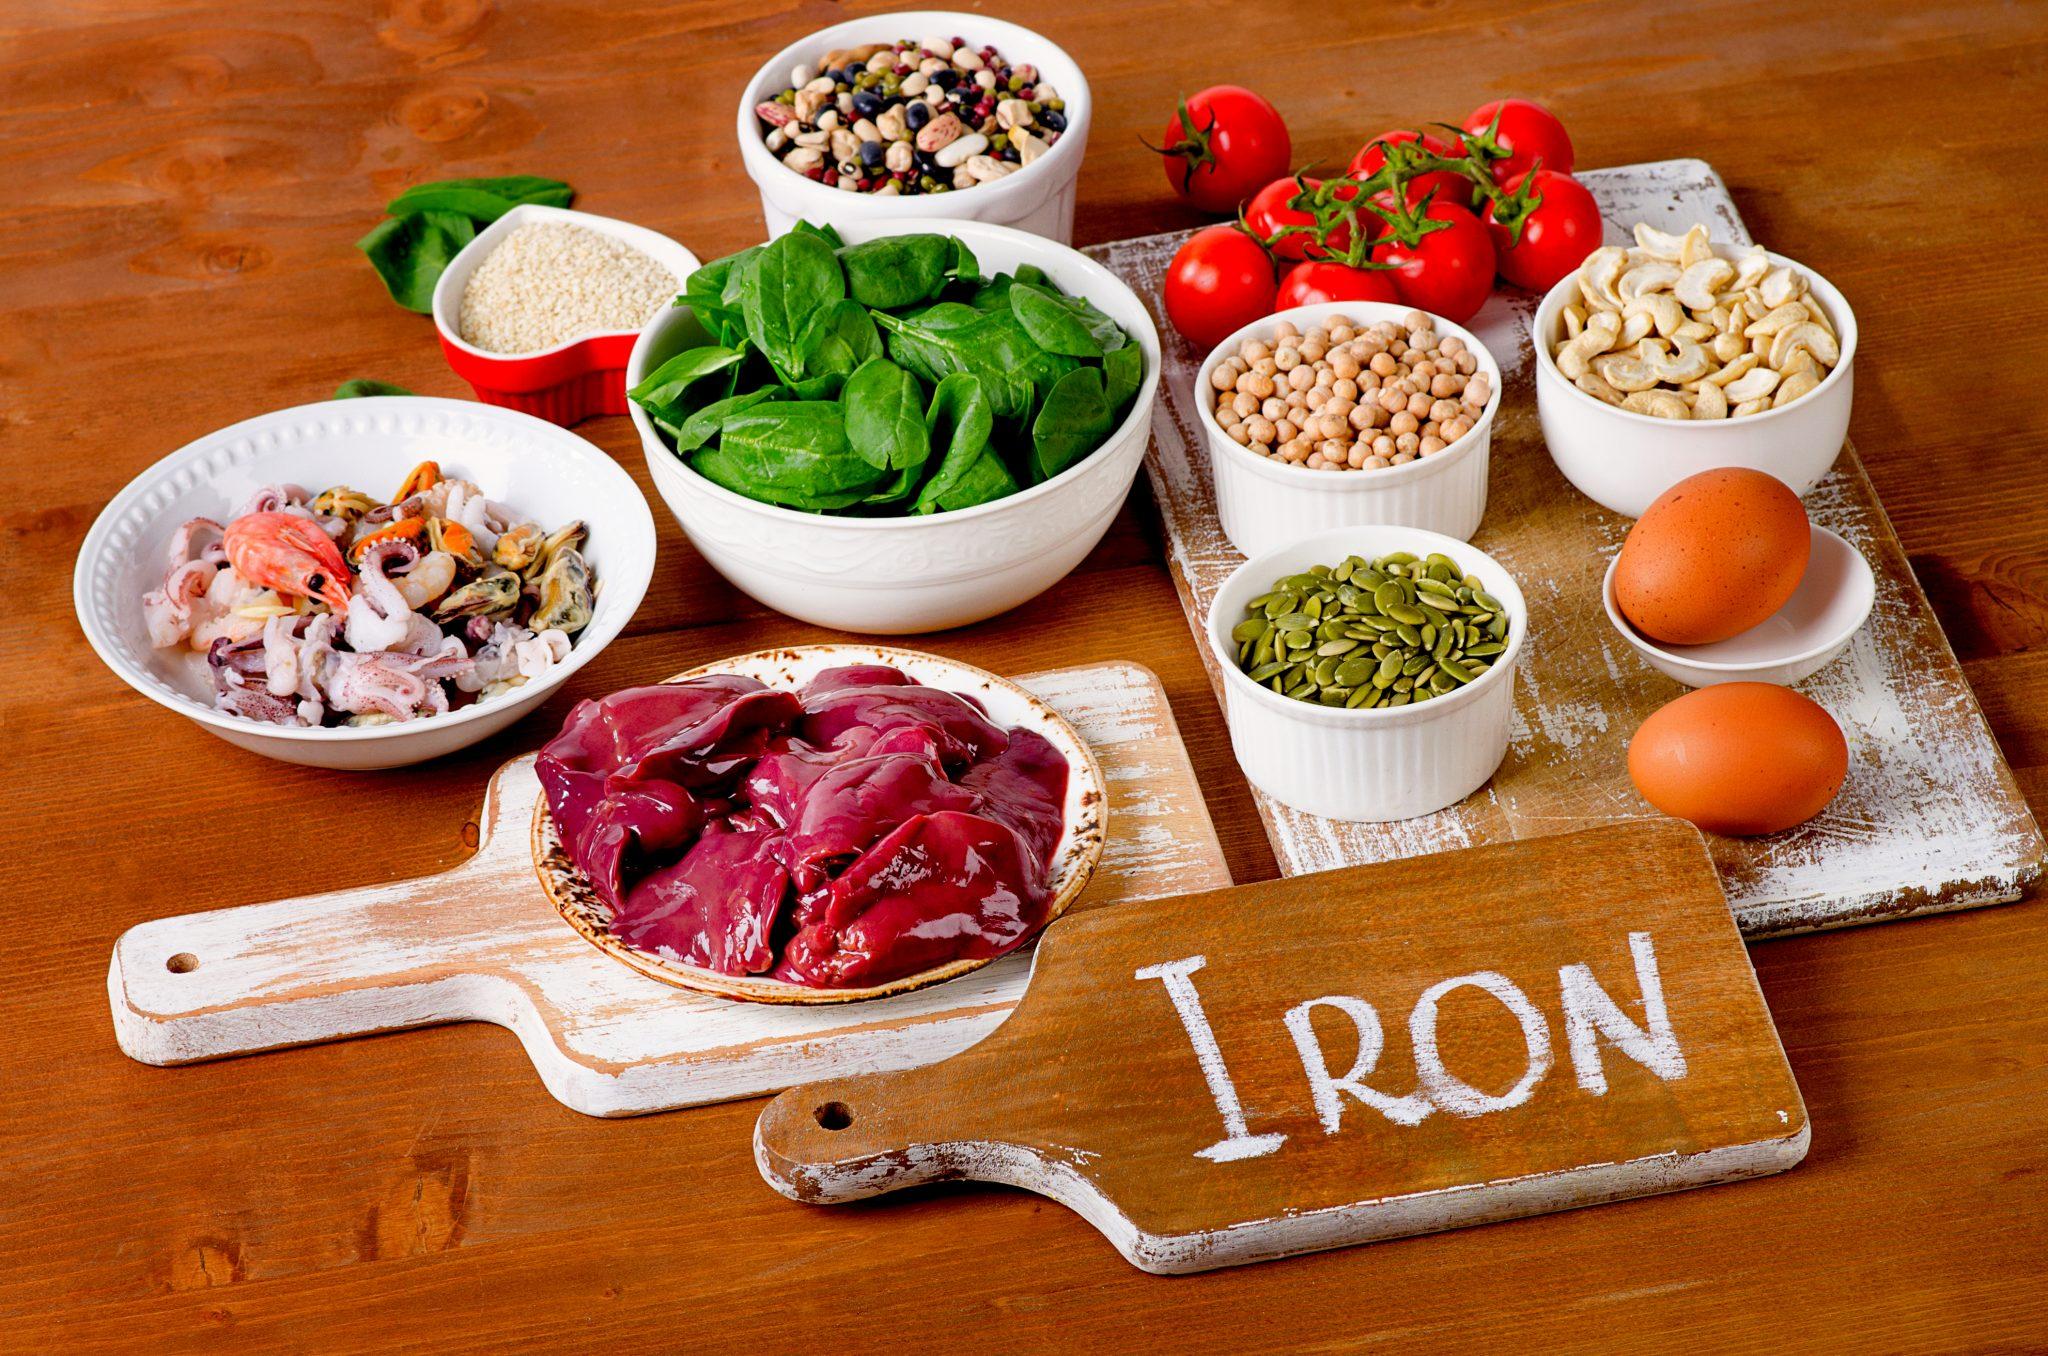 鉄分を多く含む食べ物の写真